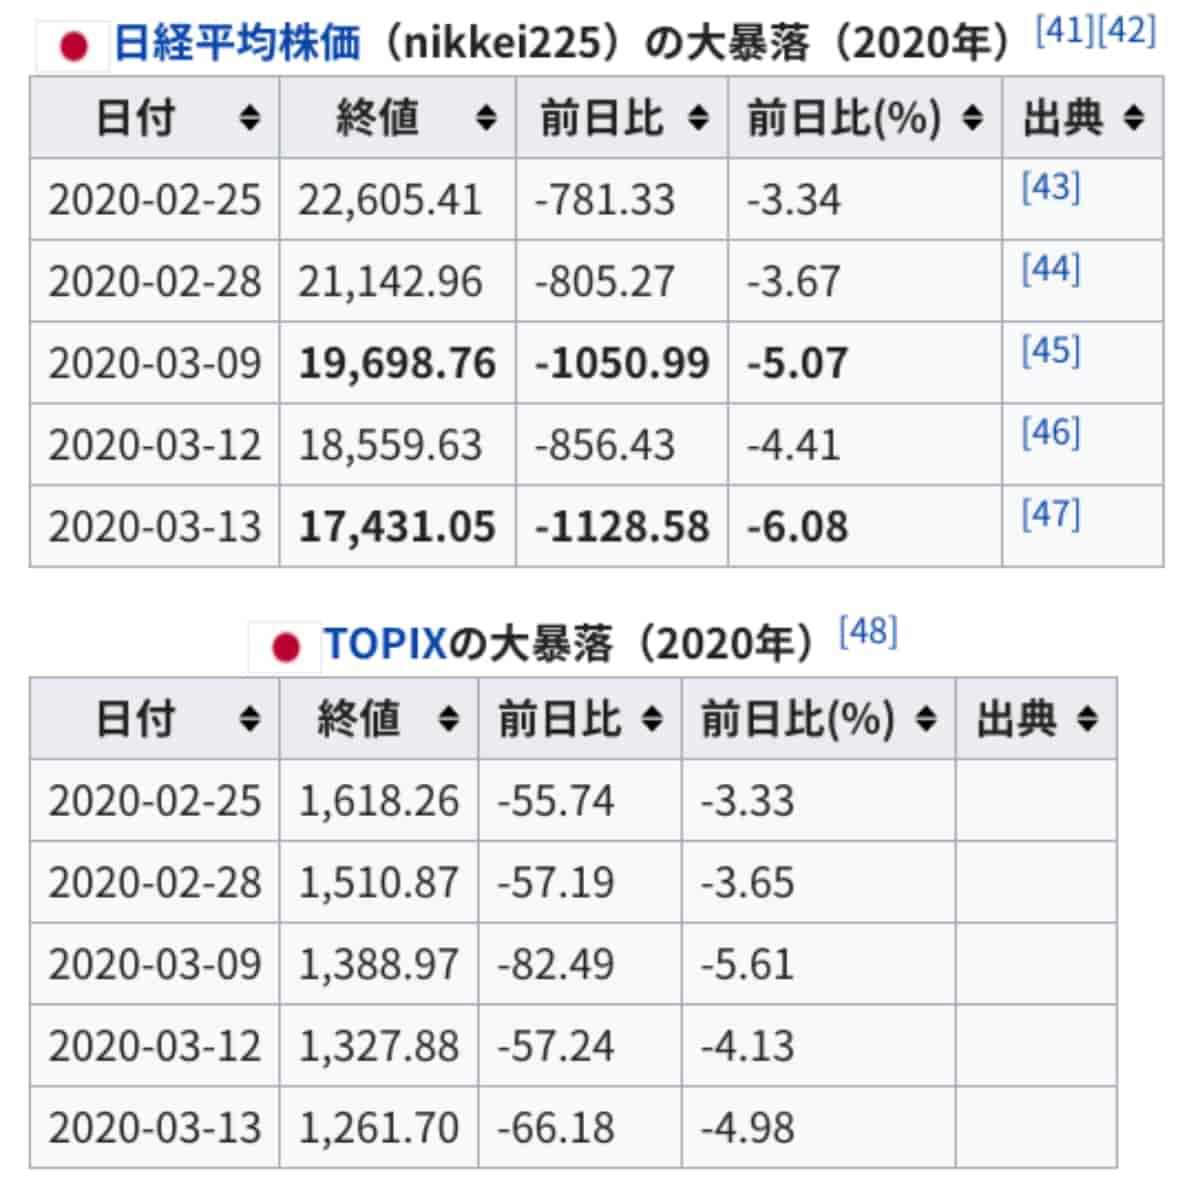 2020年日経平均株価とTOPIXの大暴落